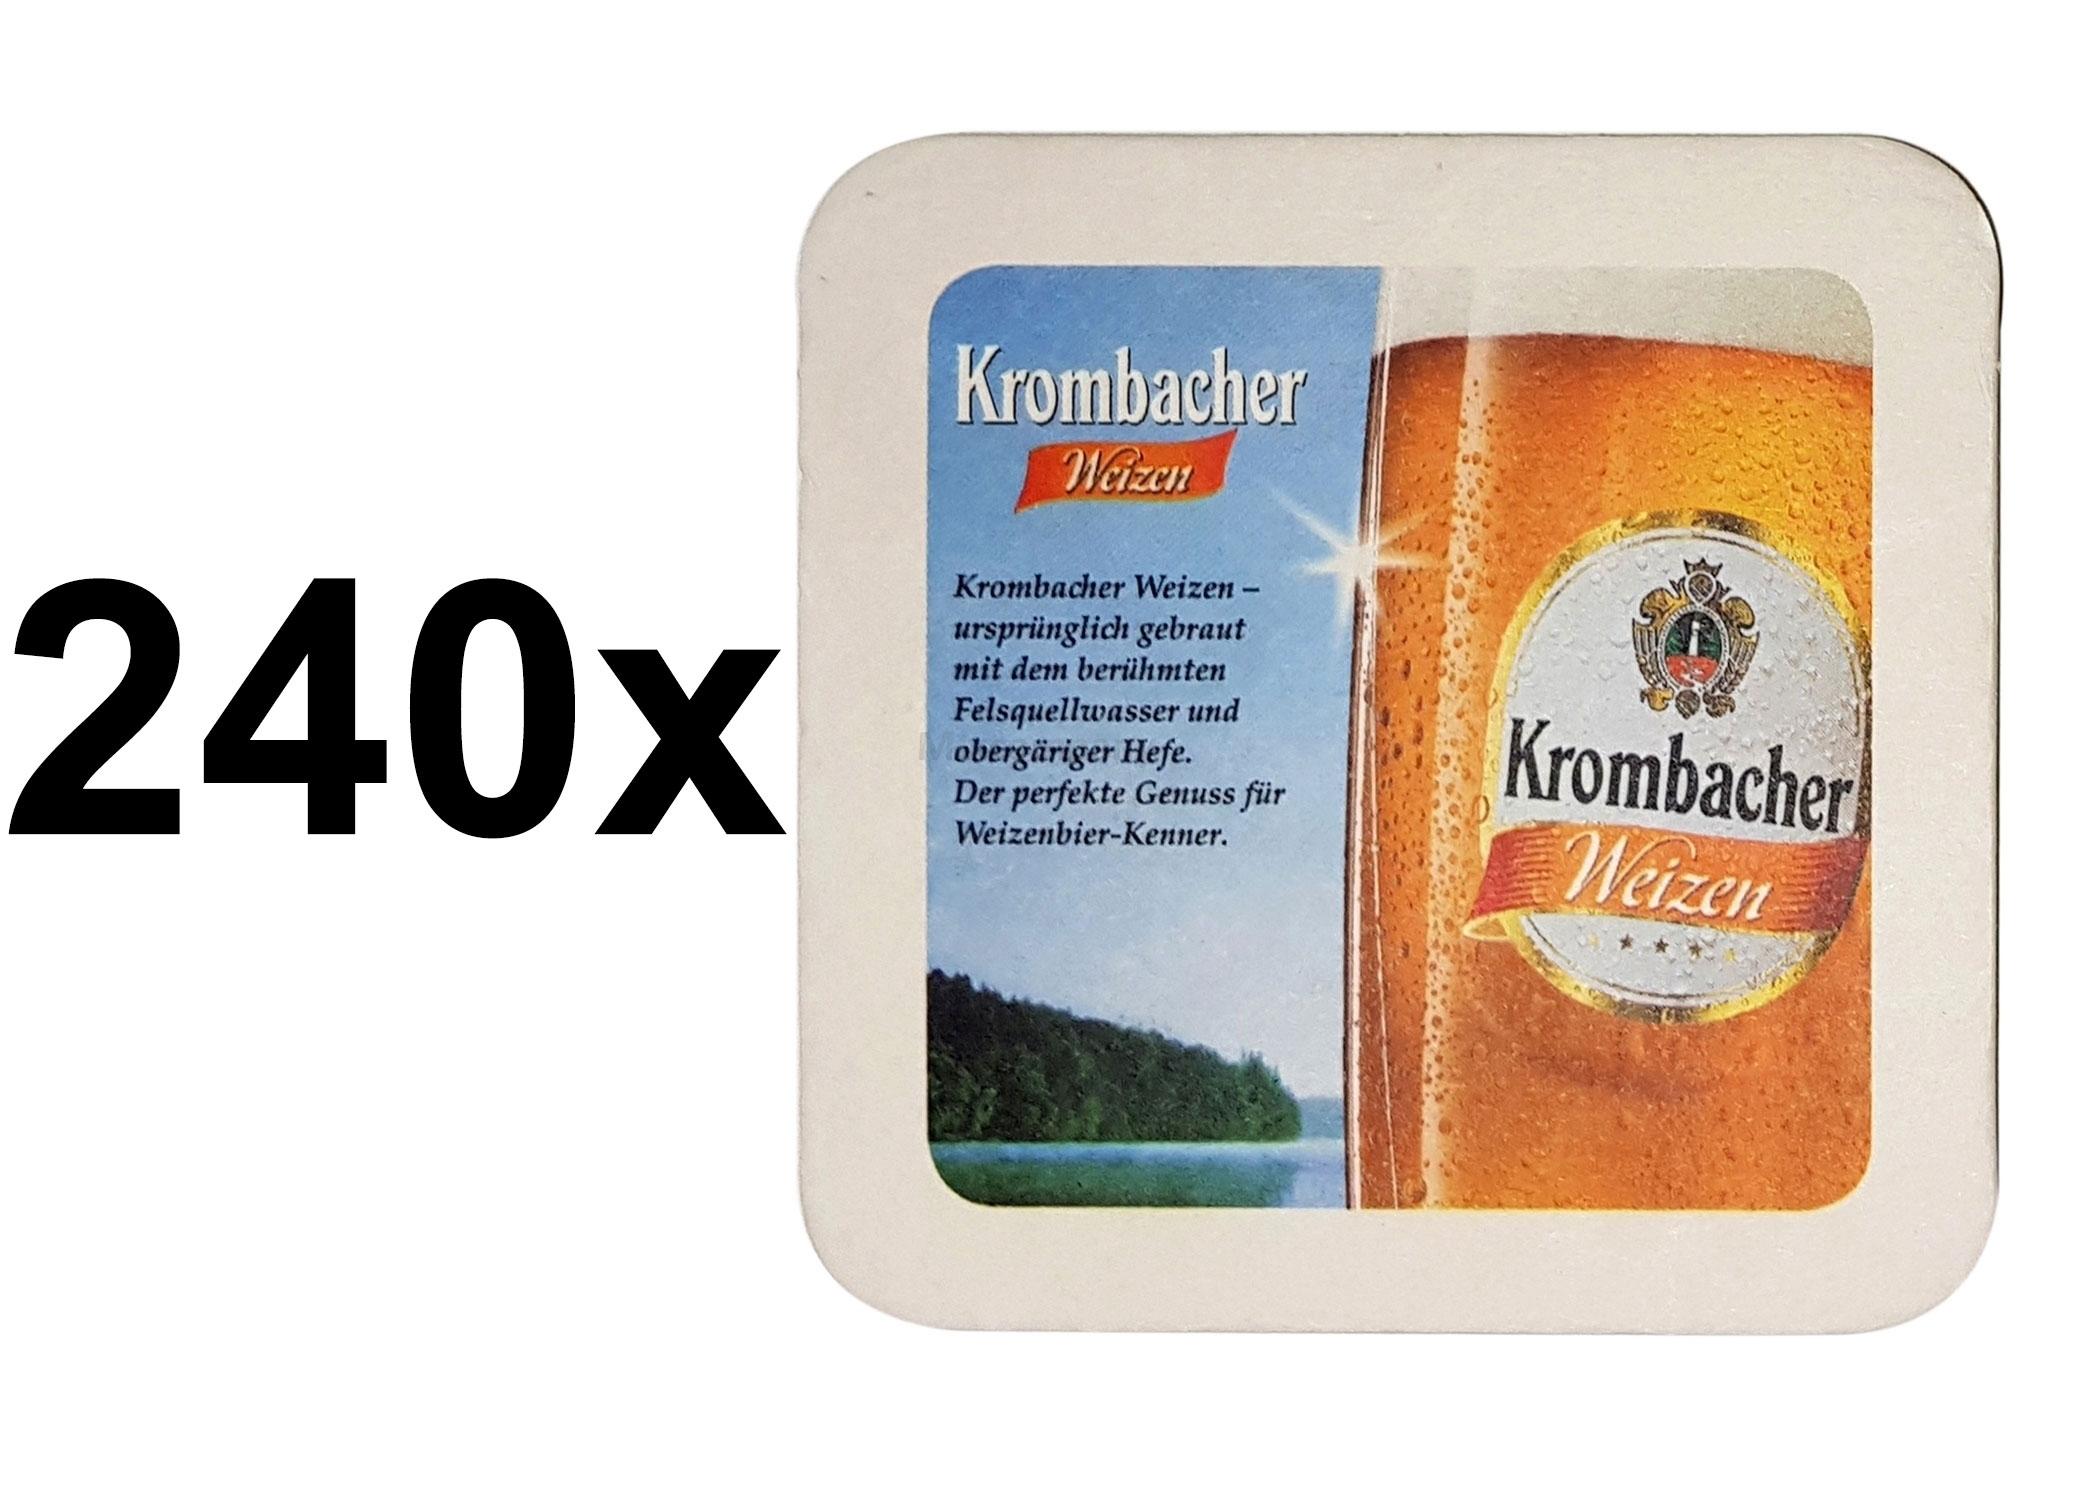 Krombacher Weizen Bierdeckel Untersetzer Unterlage Pappdeckel Bierfilz Aktion - 240 Stück (3x 80er Packung)